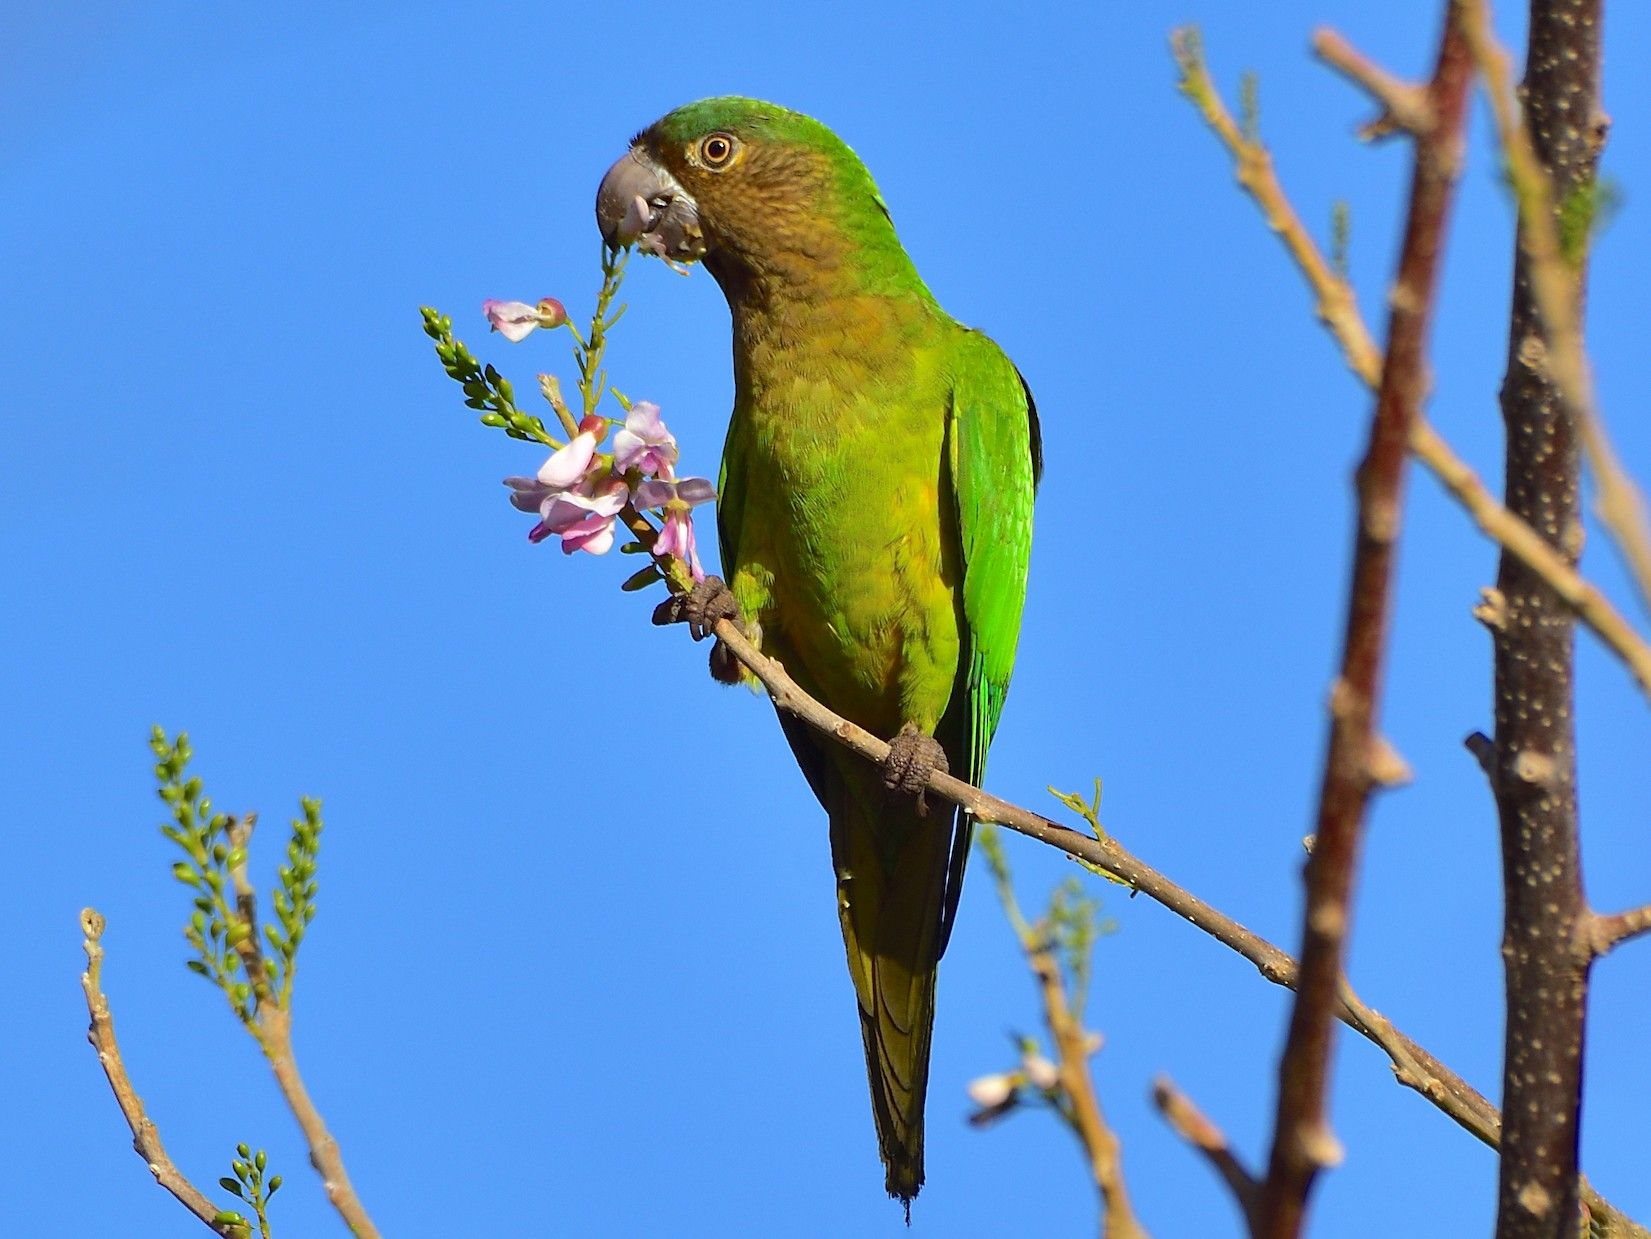 Brown-throated Parakeet - Ad Konings